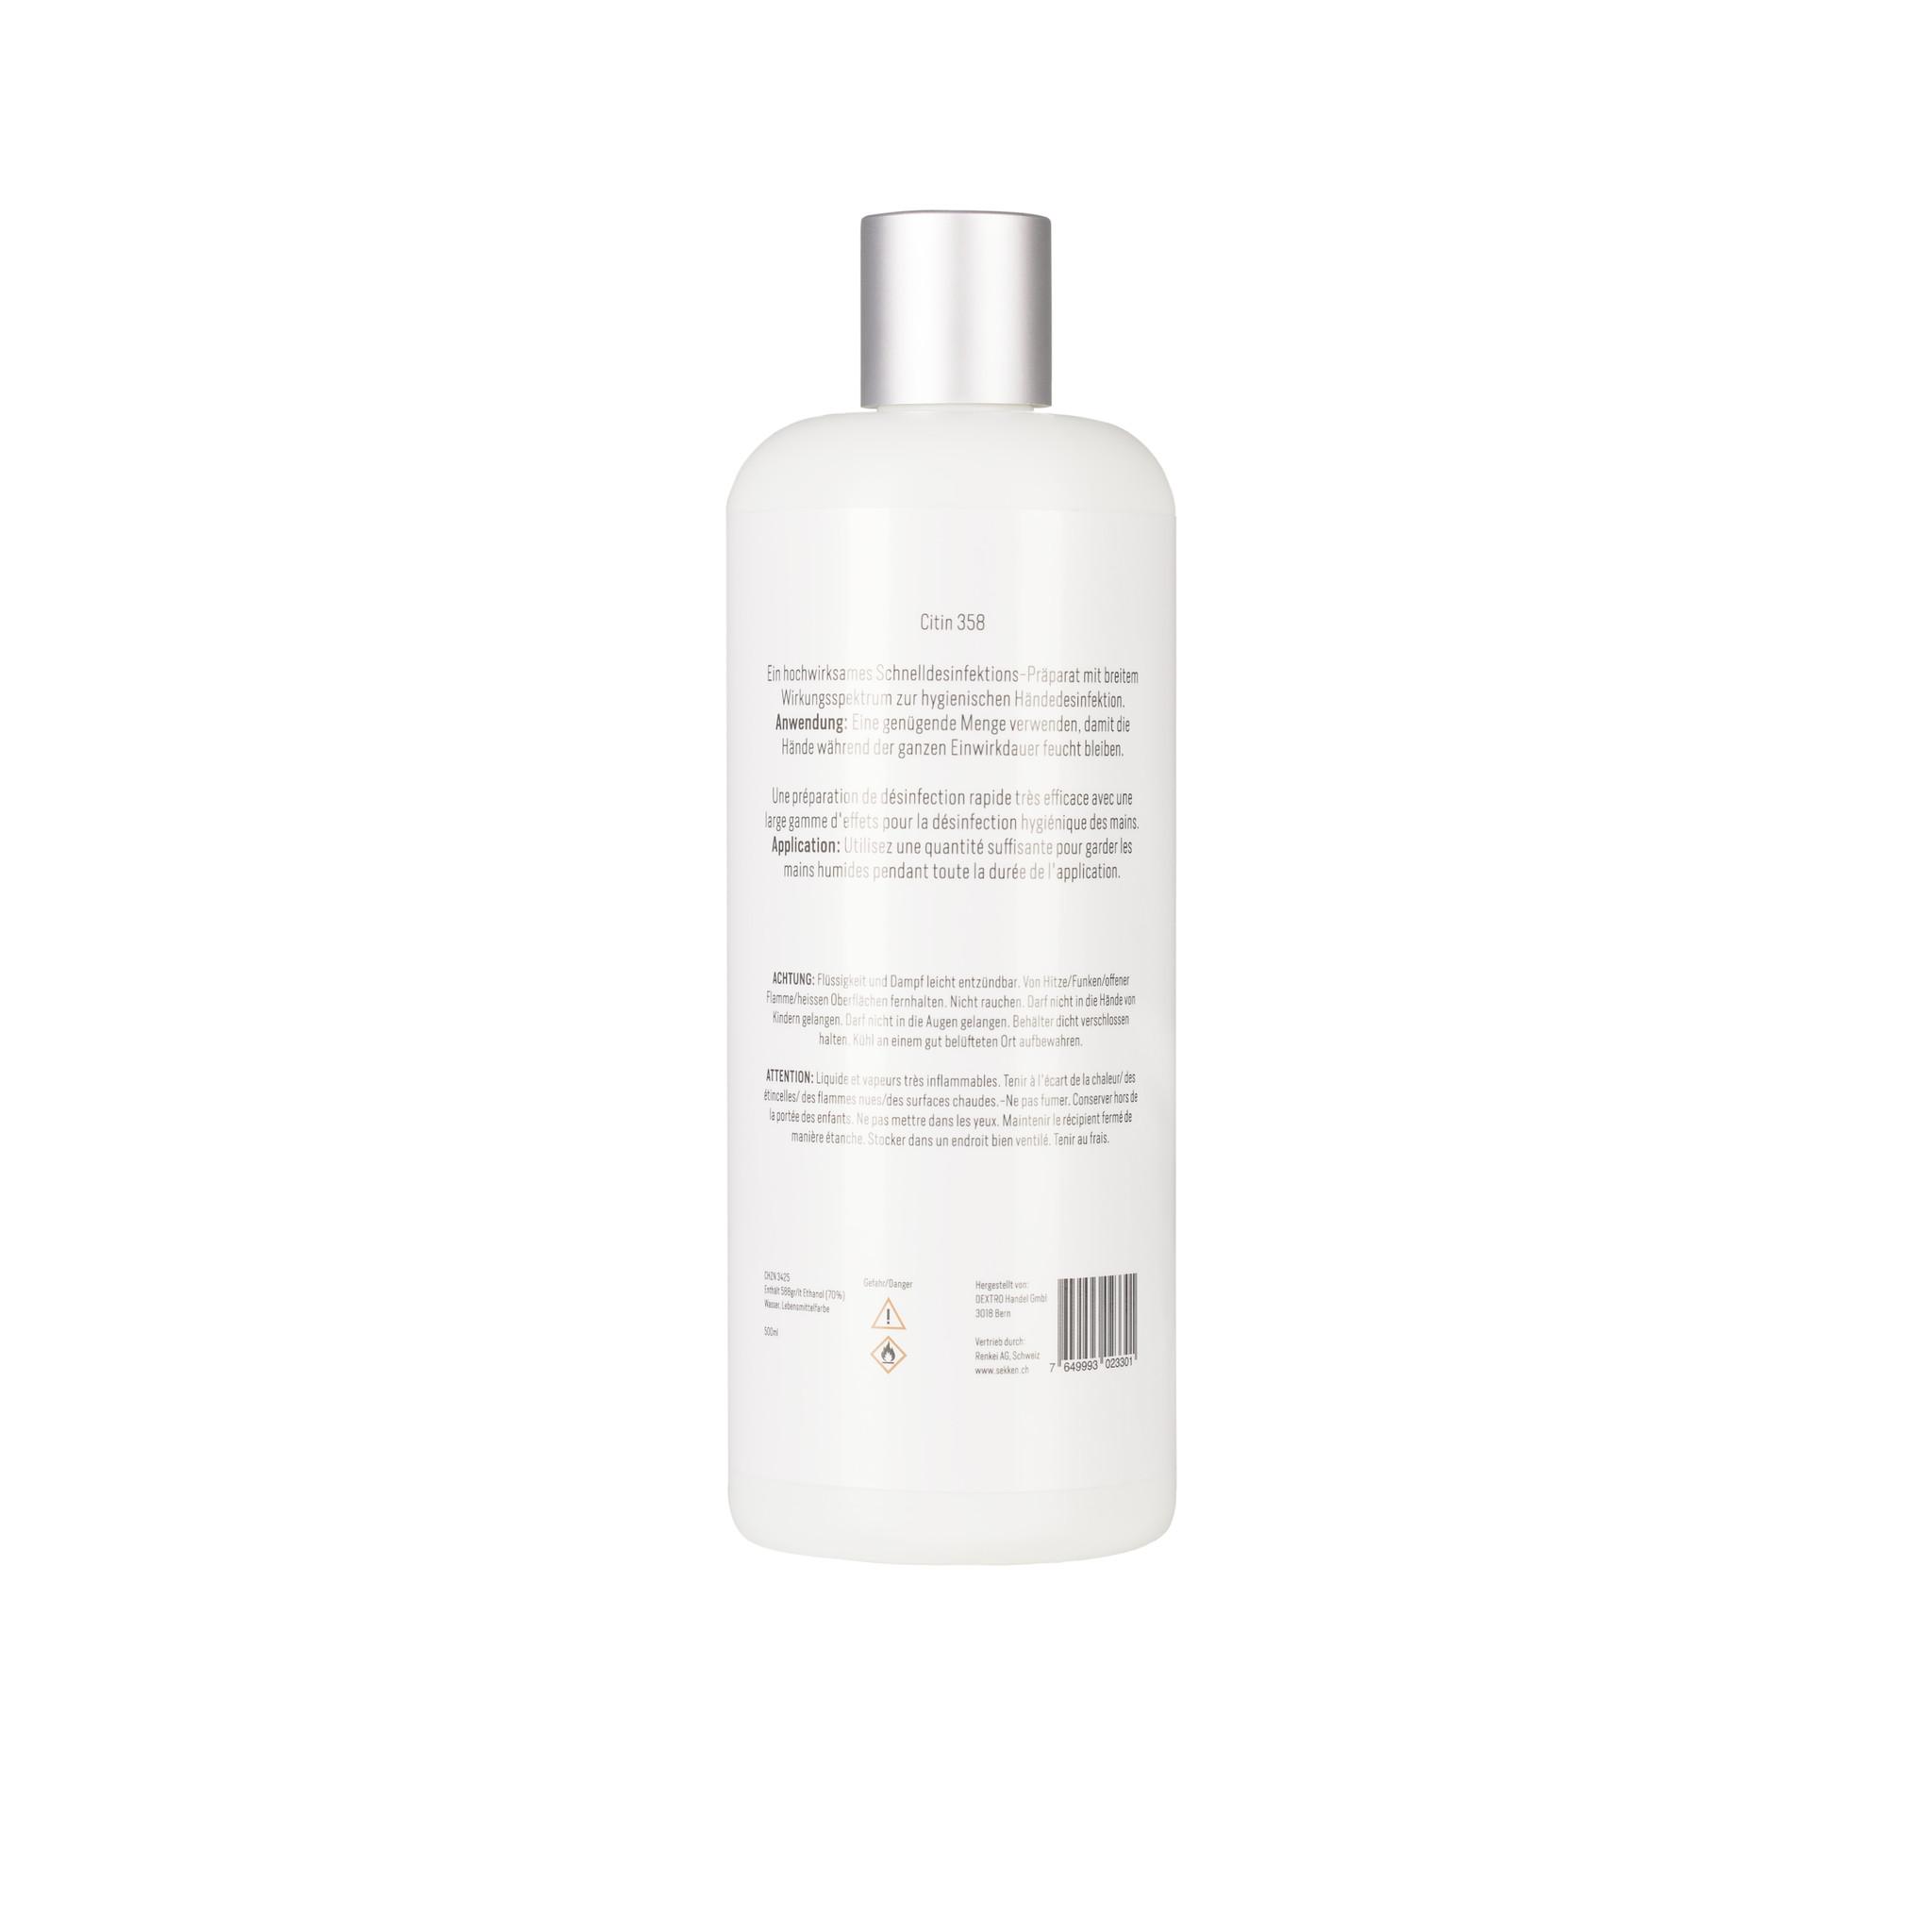 Citin 358 - 24 Stk. x 500ml Desinfektionsmittel für Hände und Flächen-2